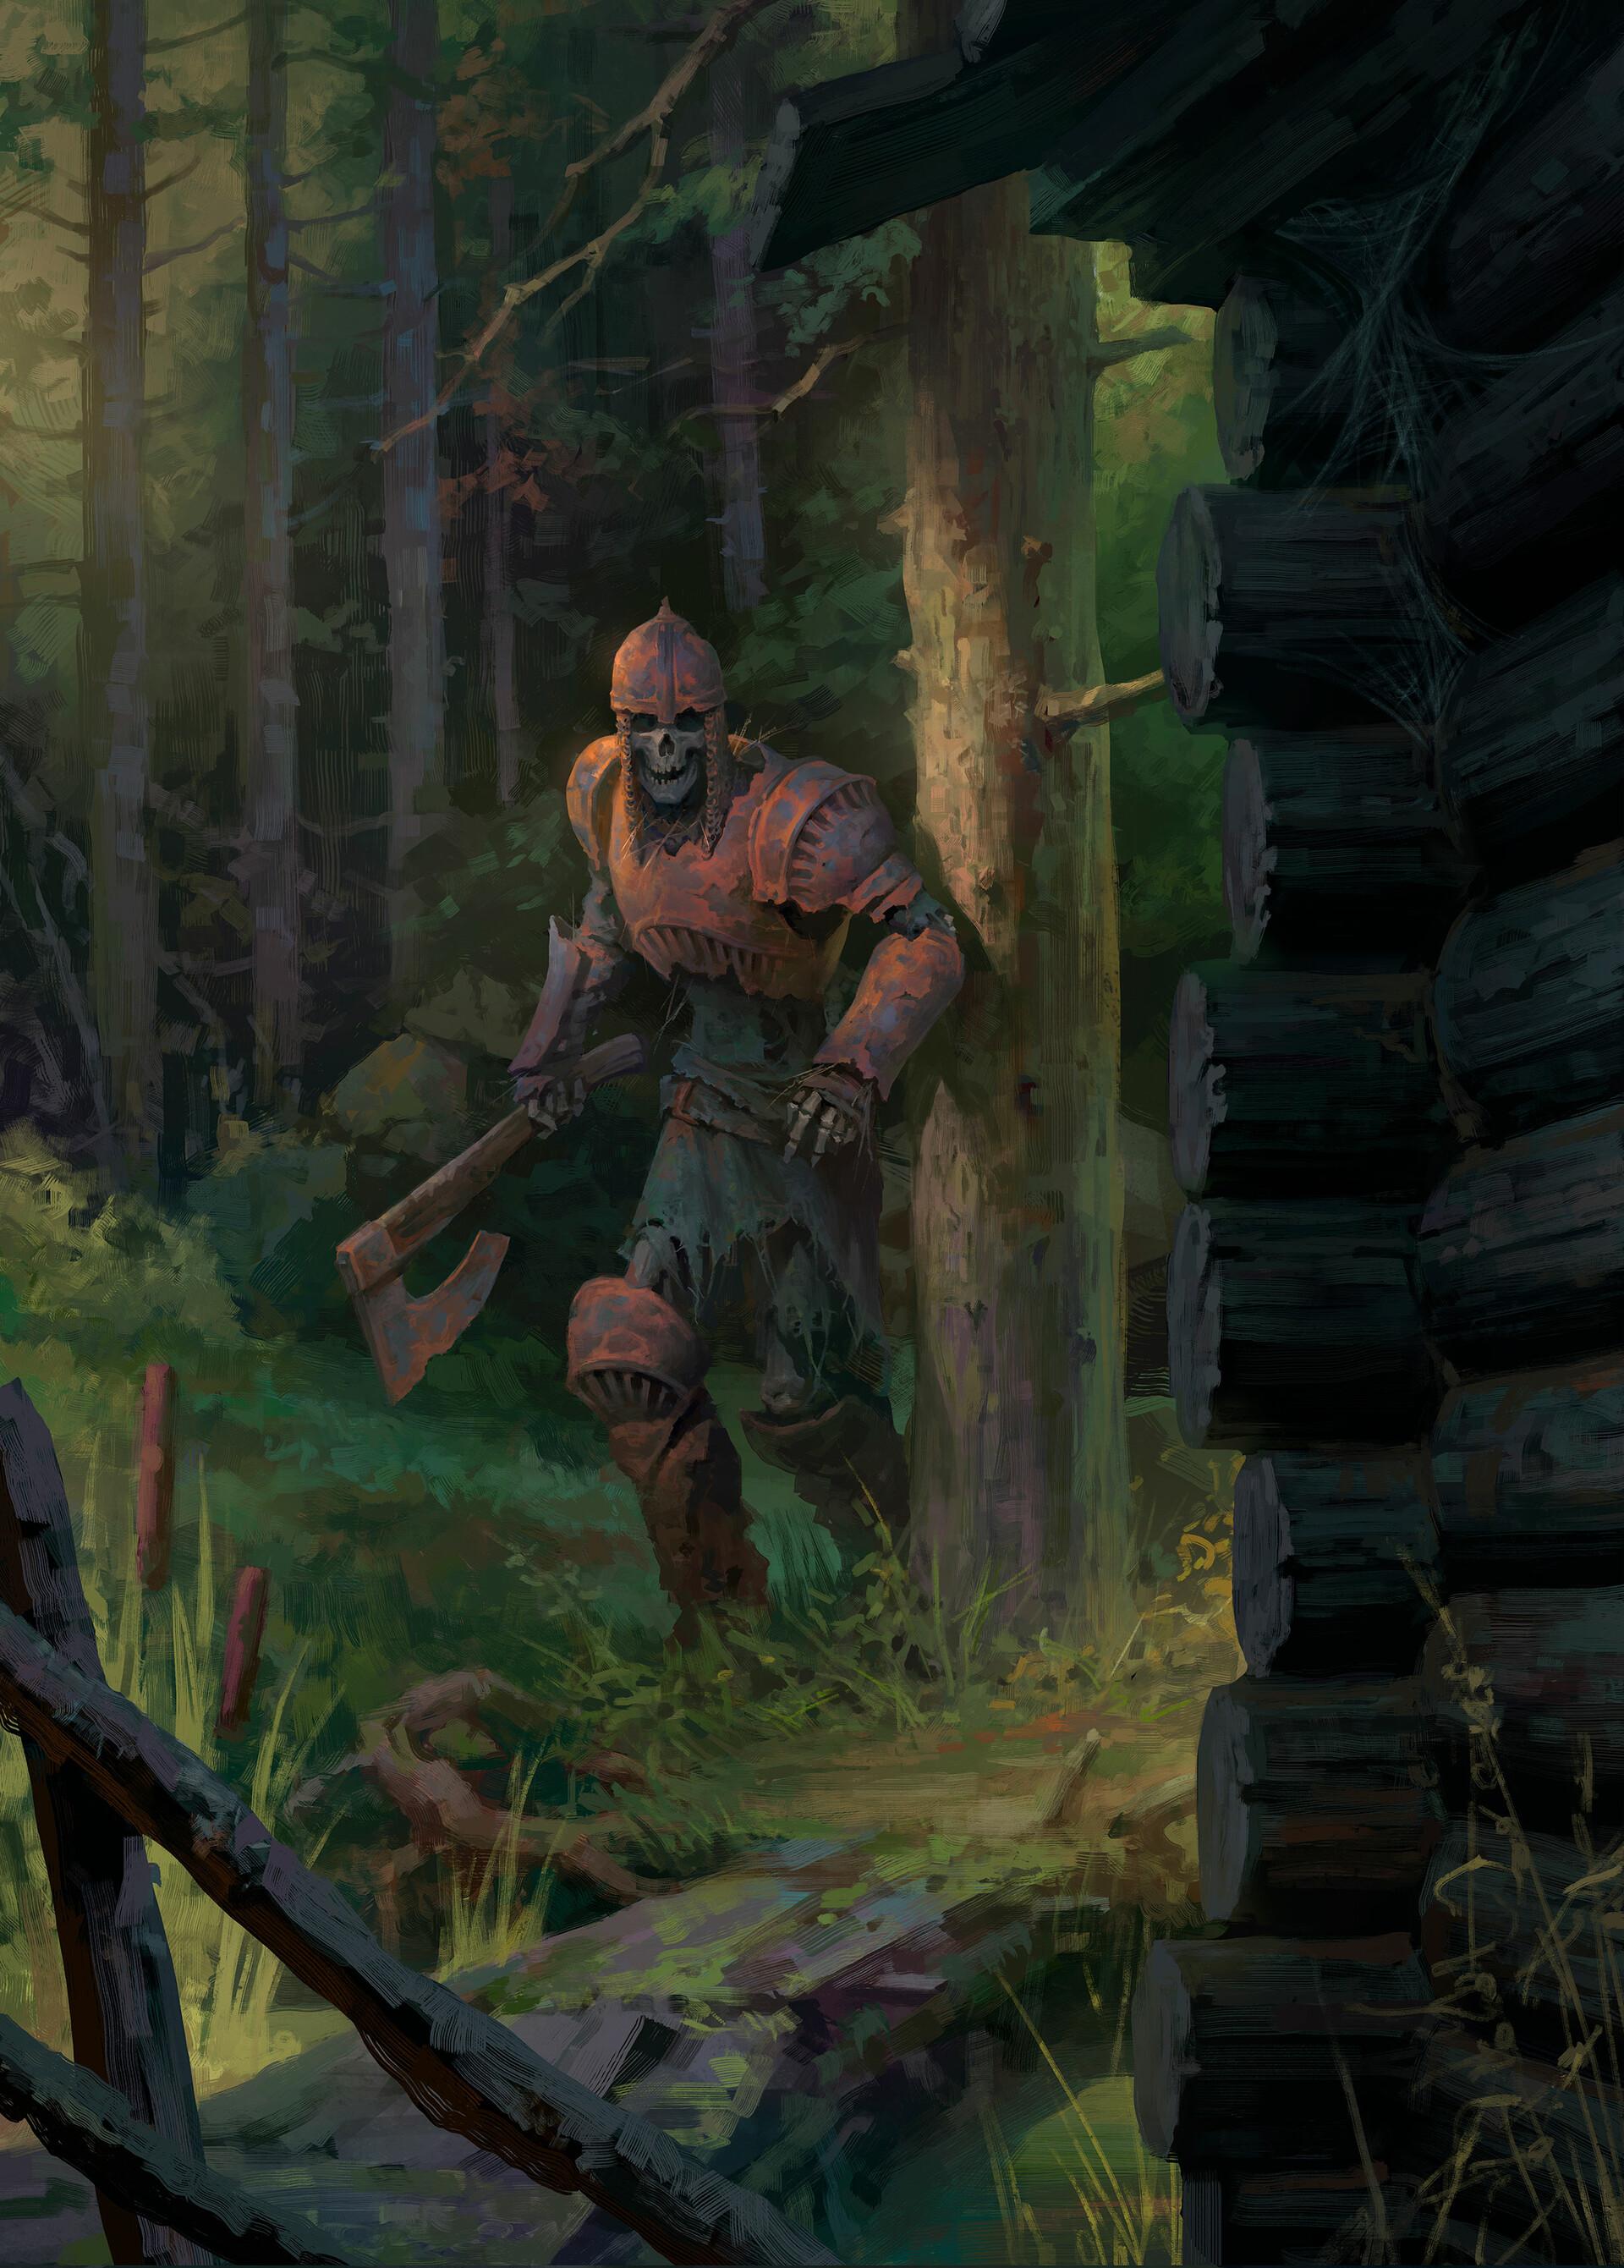 Wallpaper Fantasy Art Skeleton Axe Armor Rust Skull